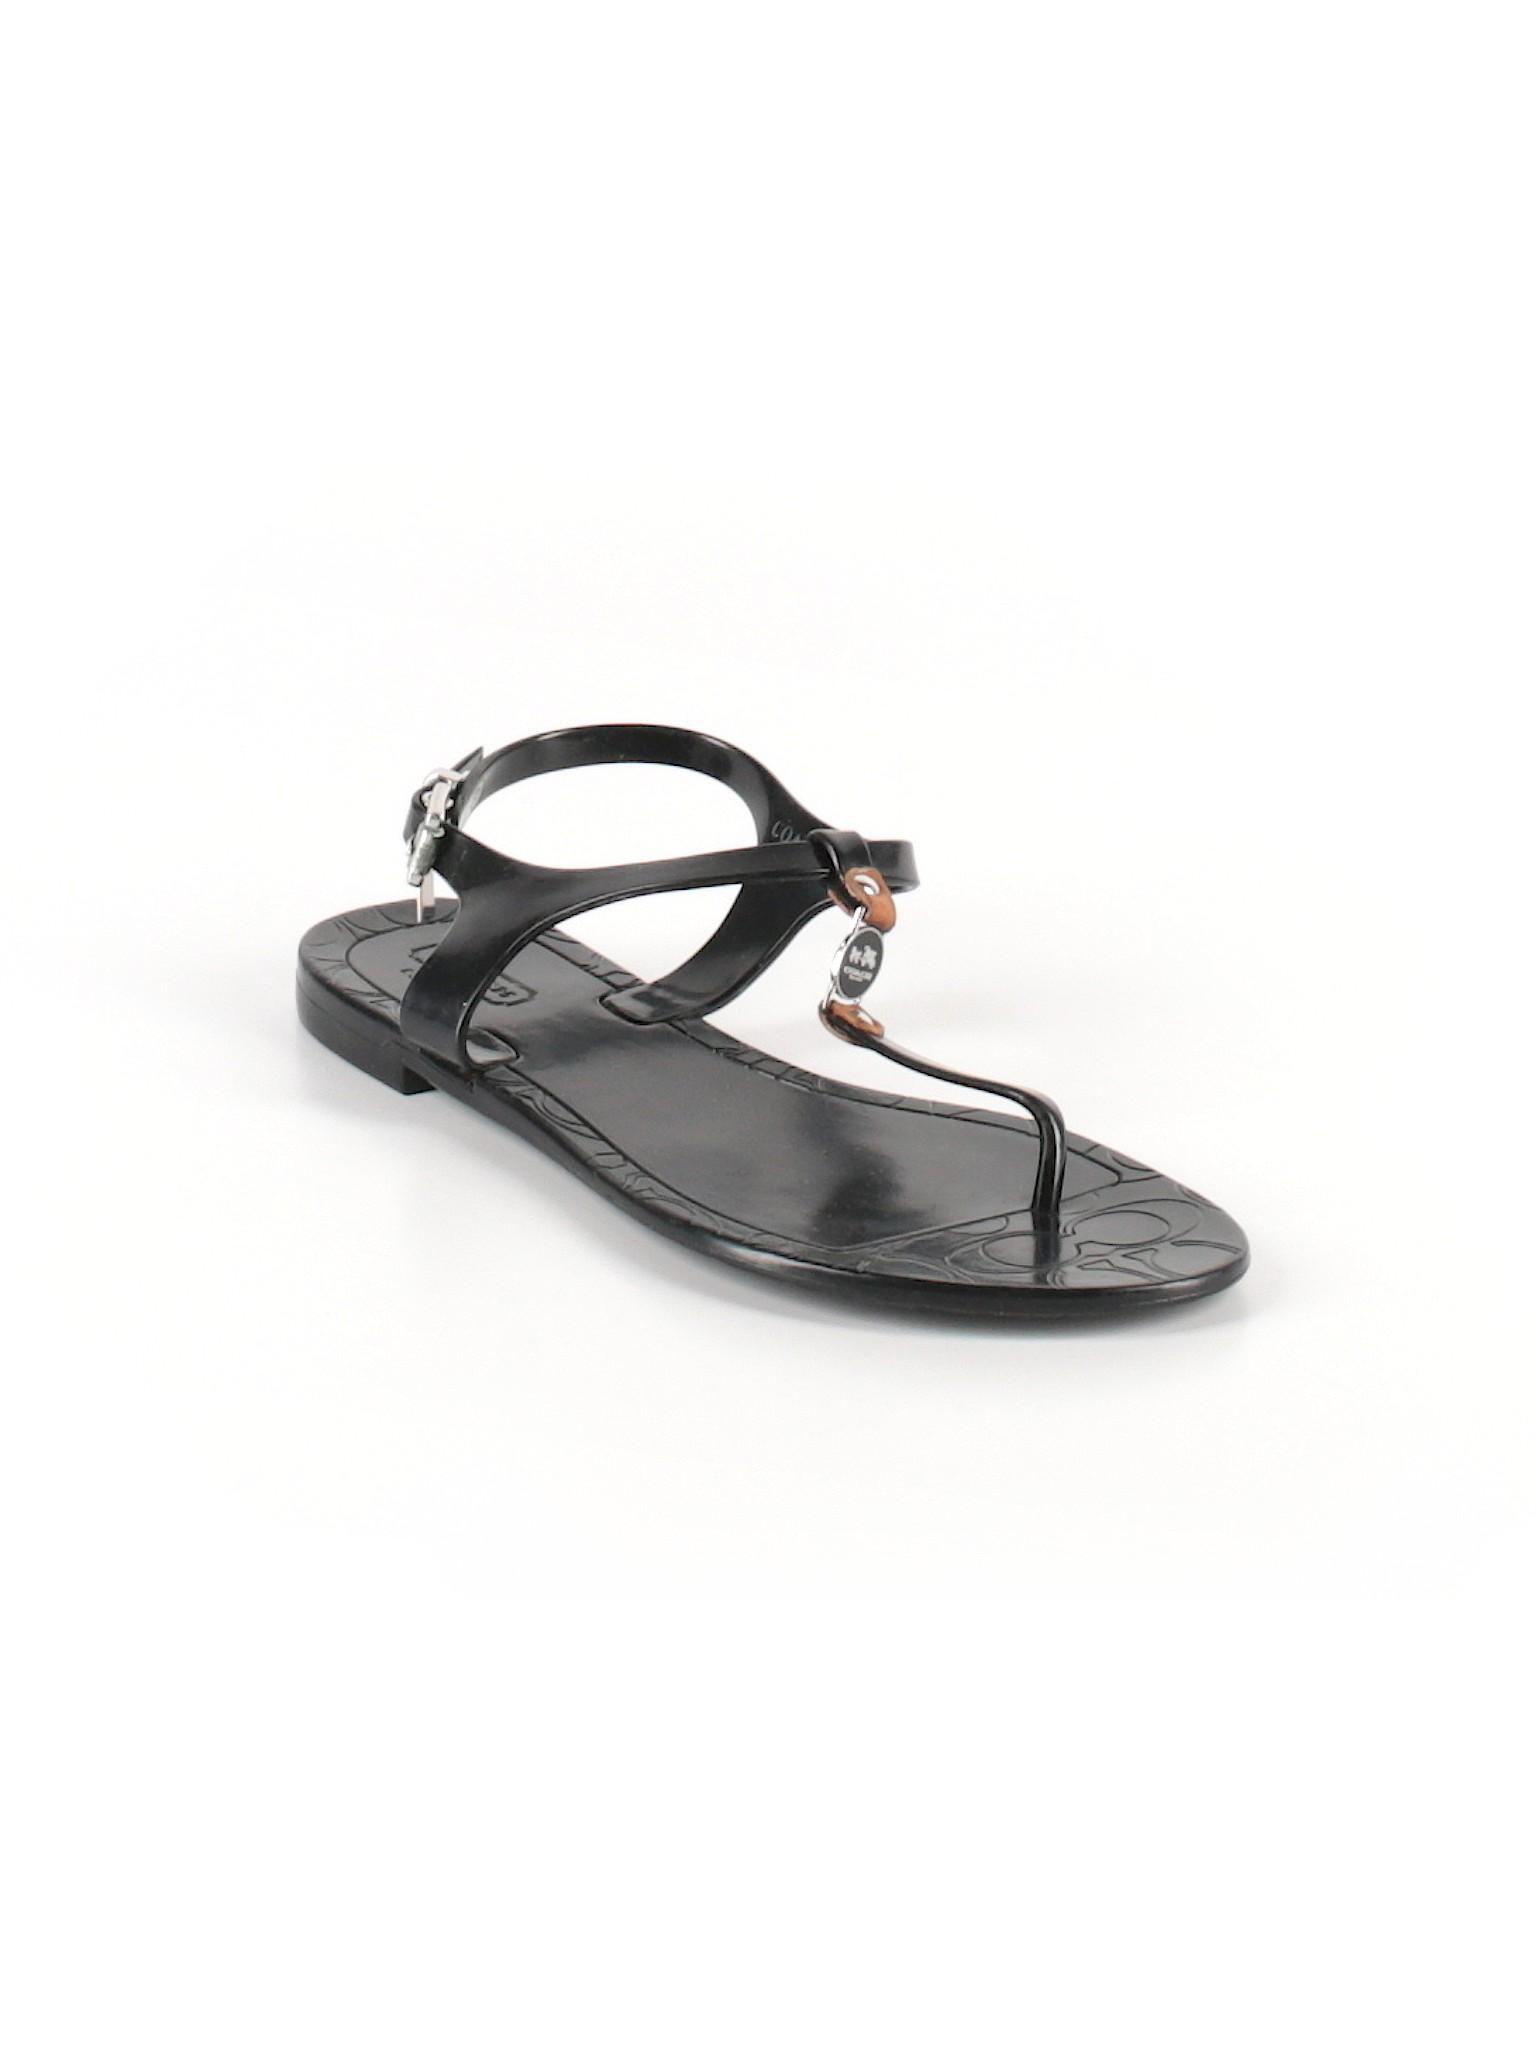 Boutique Boutique promotion promotion Coach Sandals zfxqOp0w